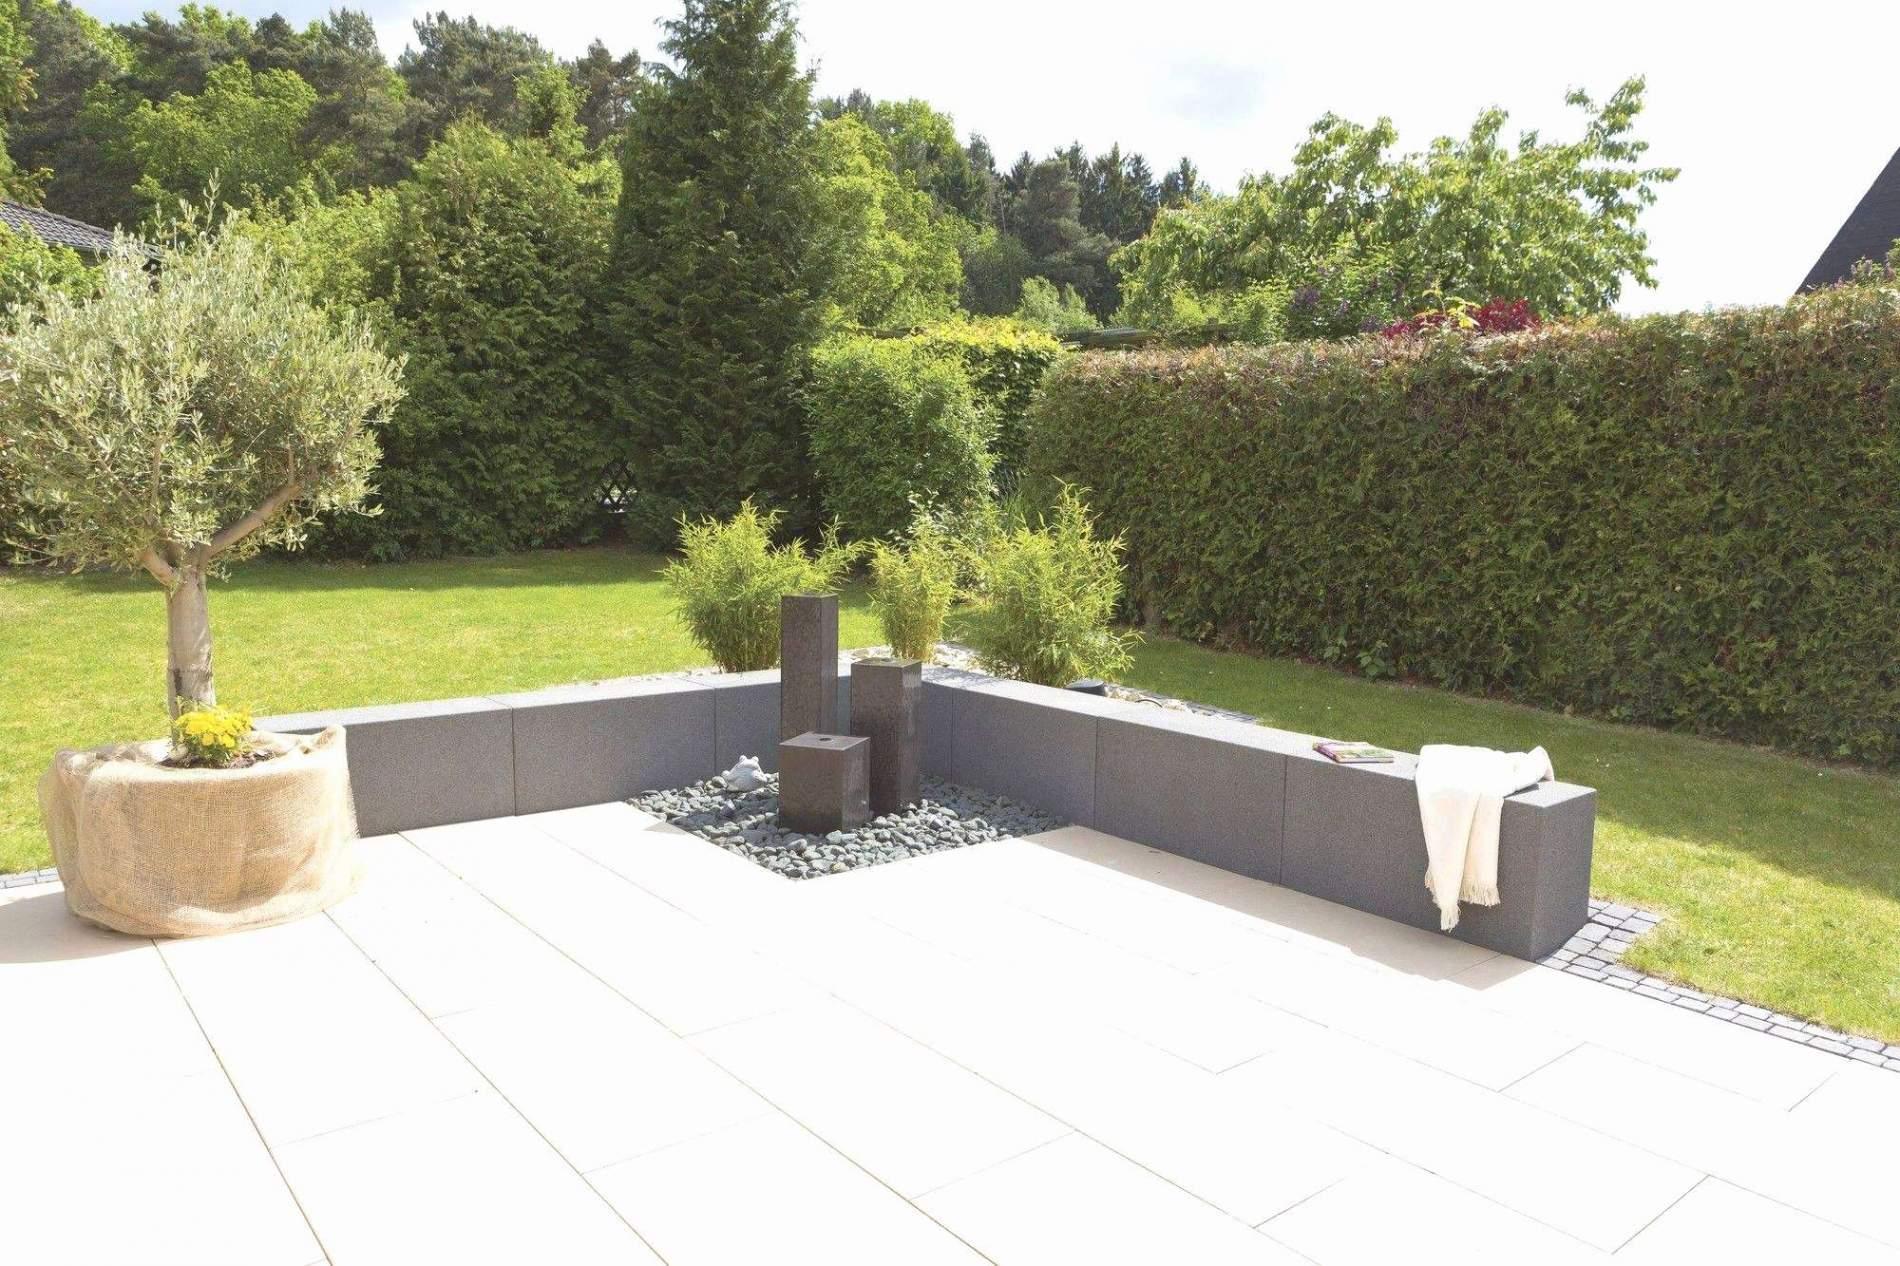 42 neu terrassen sichtschutz pflanzen stock pflanzen als sichtschutz terrasse pflanzen als sichtschutz terrasse